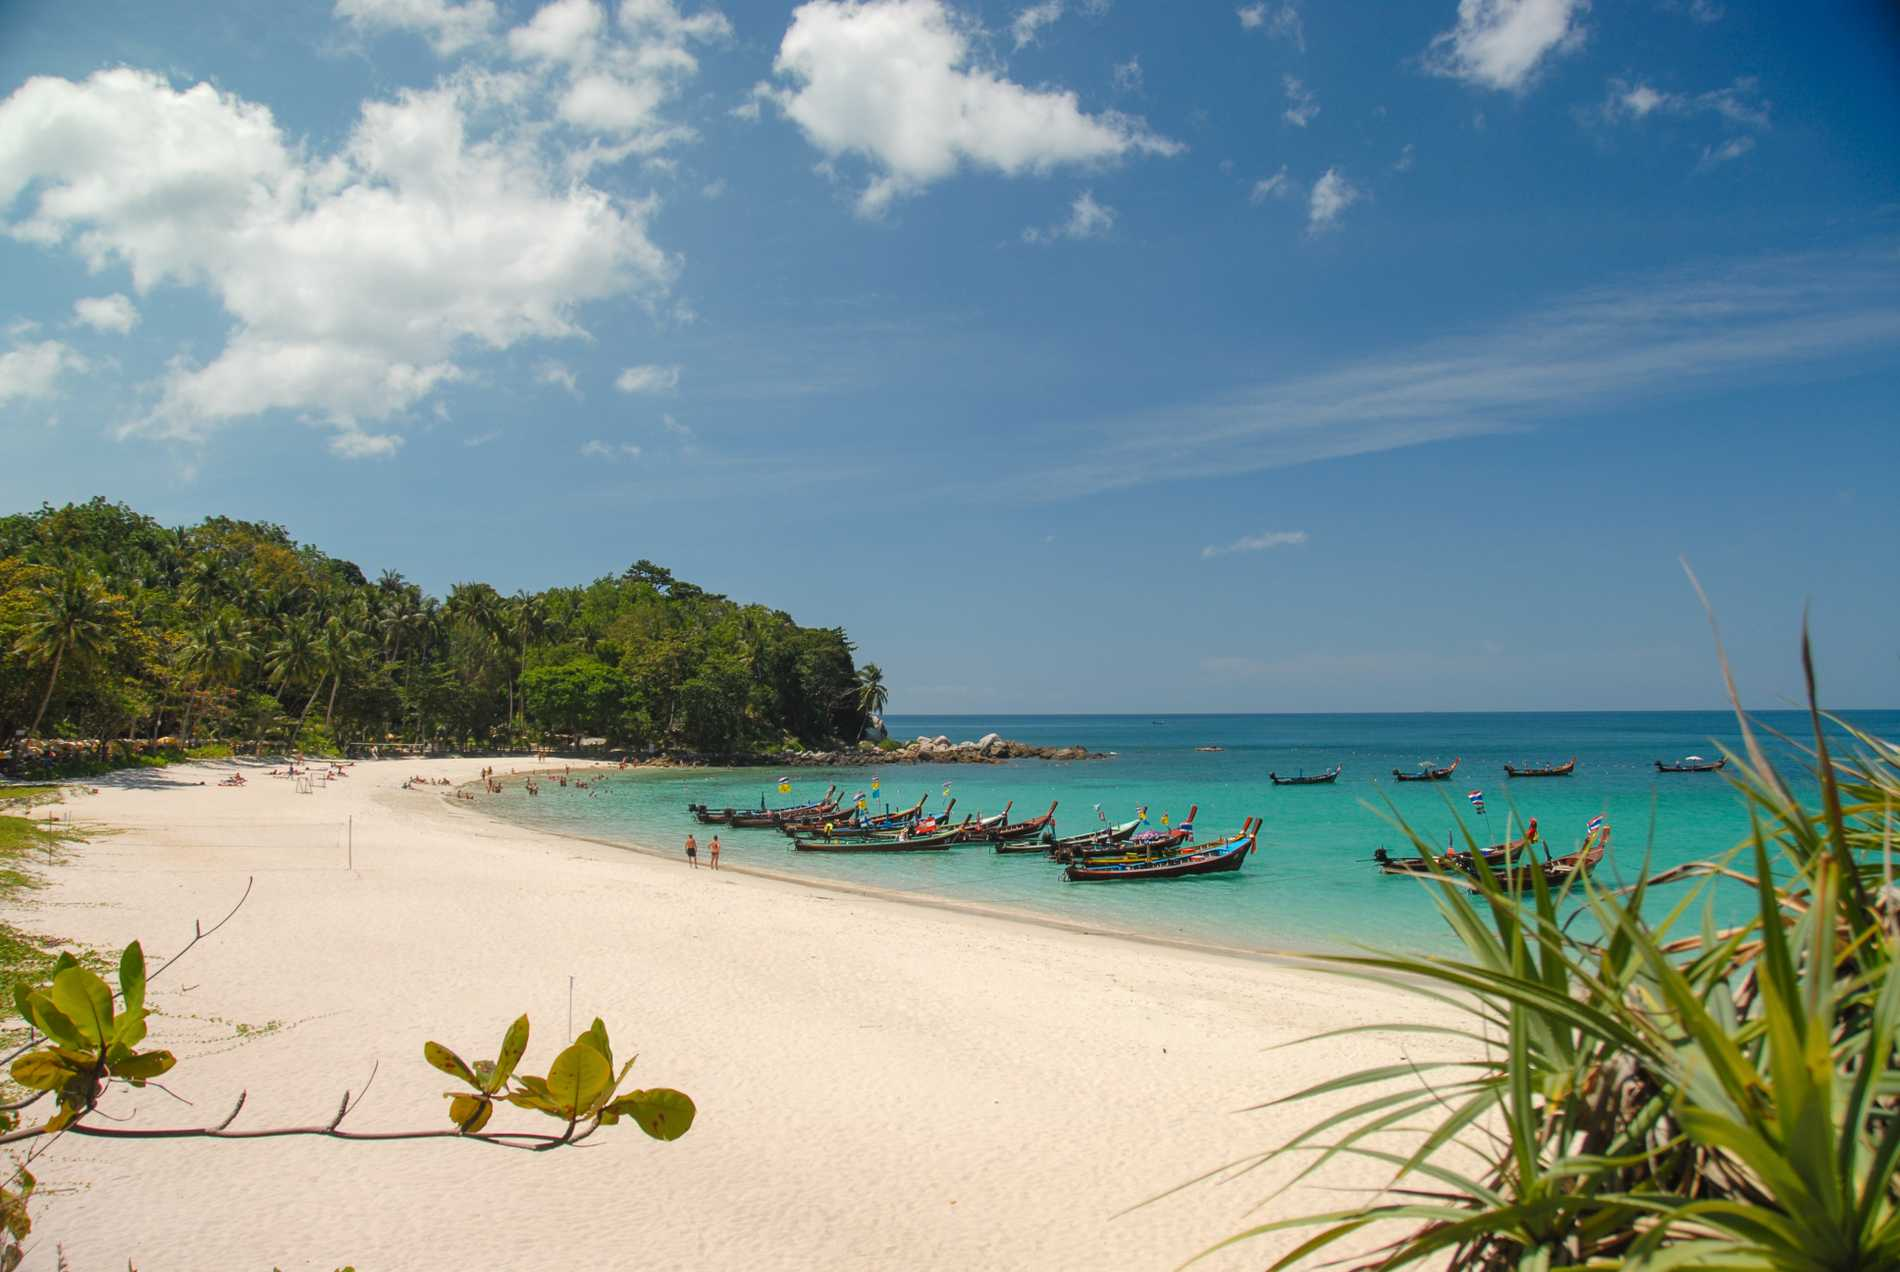 Freedom beach nås ofta med longtailbåt.